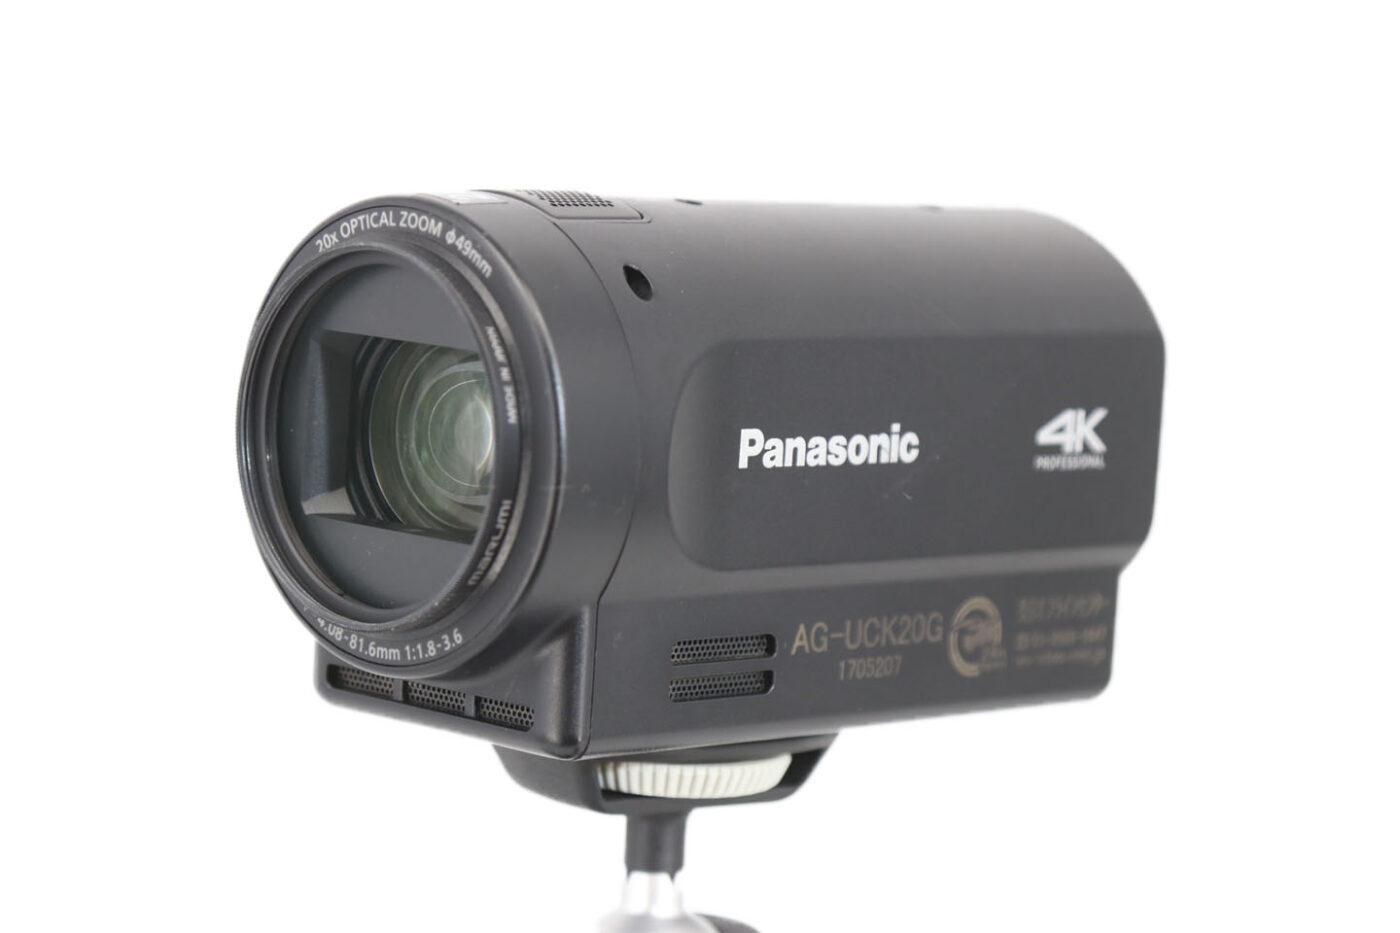 4K POVCAM コンパクトカメラヘッド(AG-UCK20GJ)